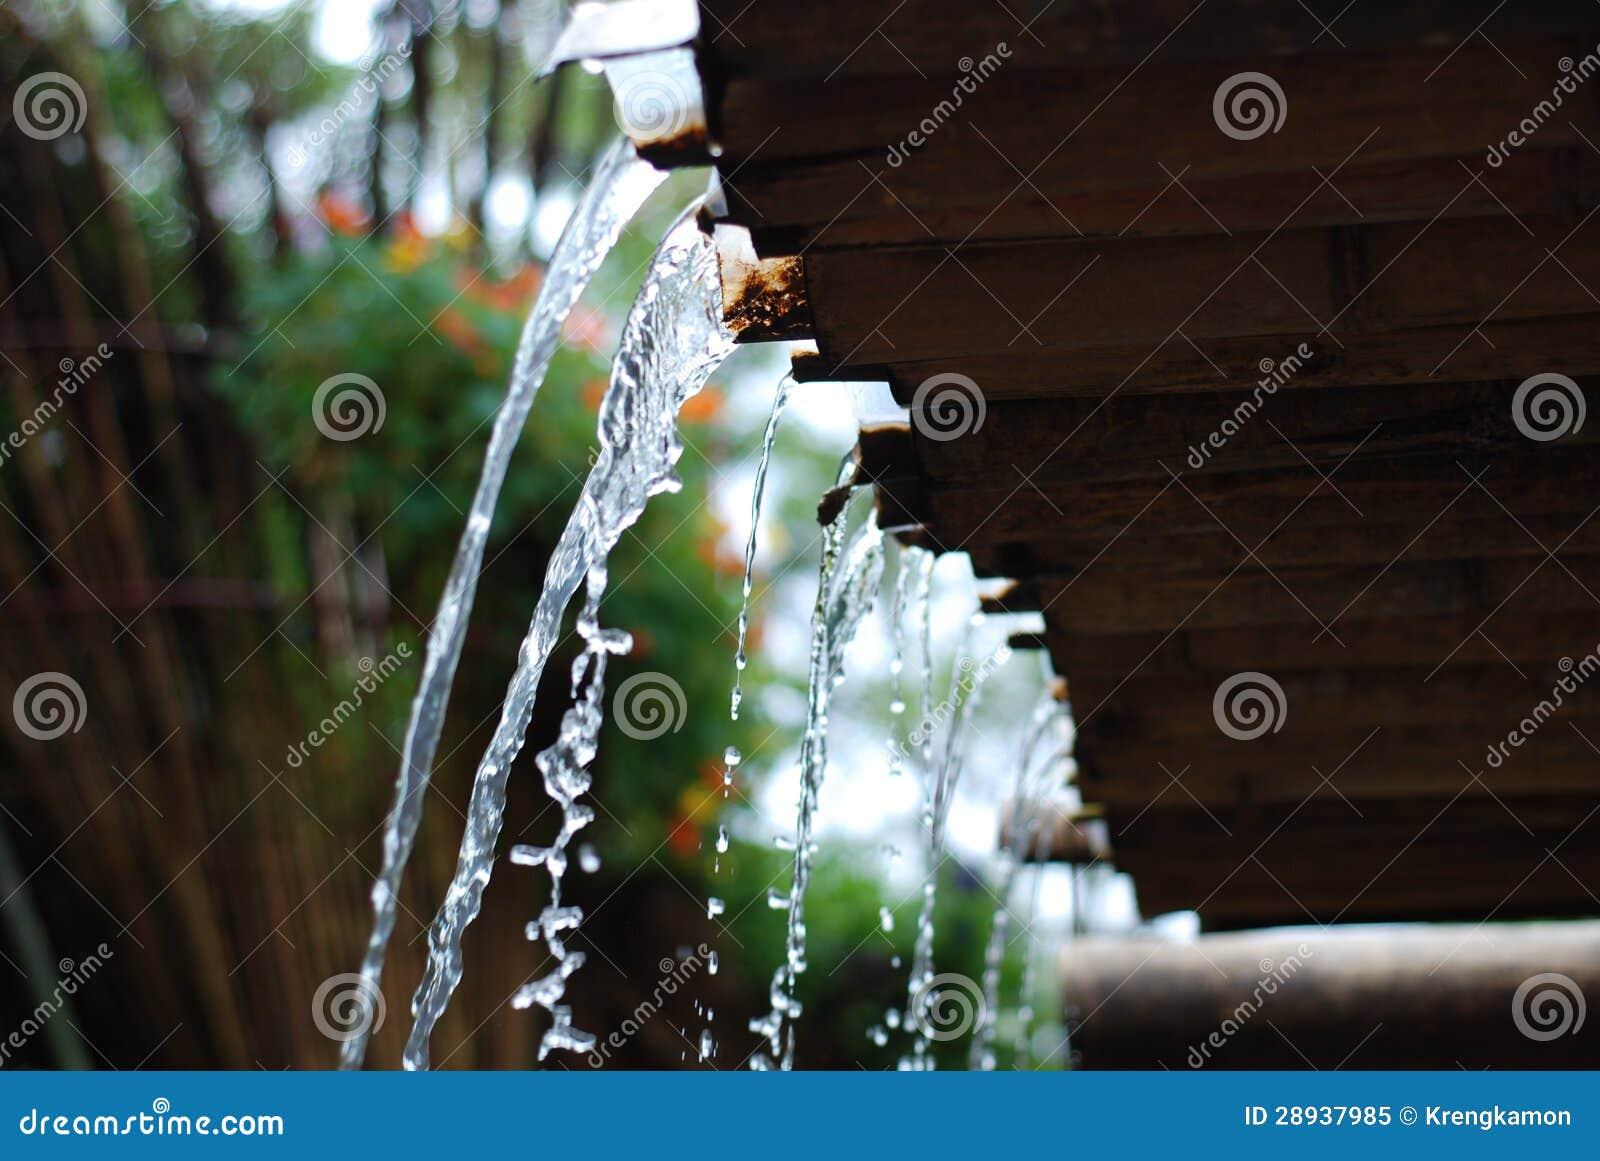 Έκχυση νερού από τη στέγη μπαμπού